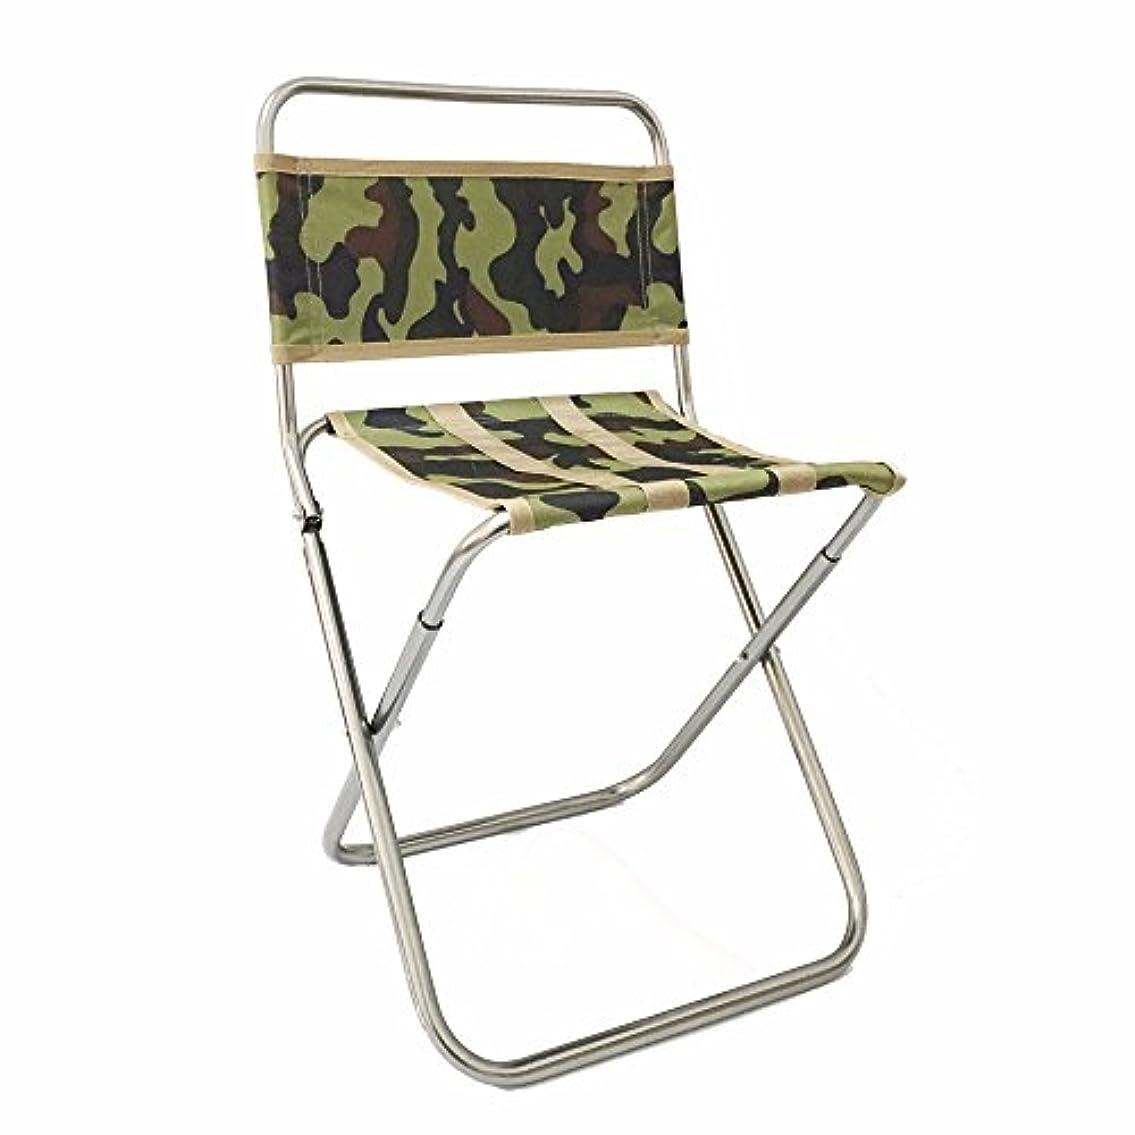 入射はがきそうでなければLiebeye チェア 椅子 超軽量 屋外 折り畳み式 航空 アルミニウム バック フィッシング ポータブル スツール マザール 屋外 キャンプ 釣りレジャーピクニック ハイキング